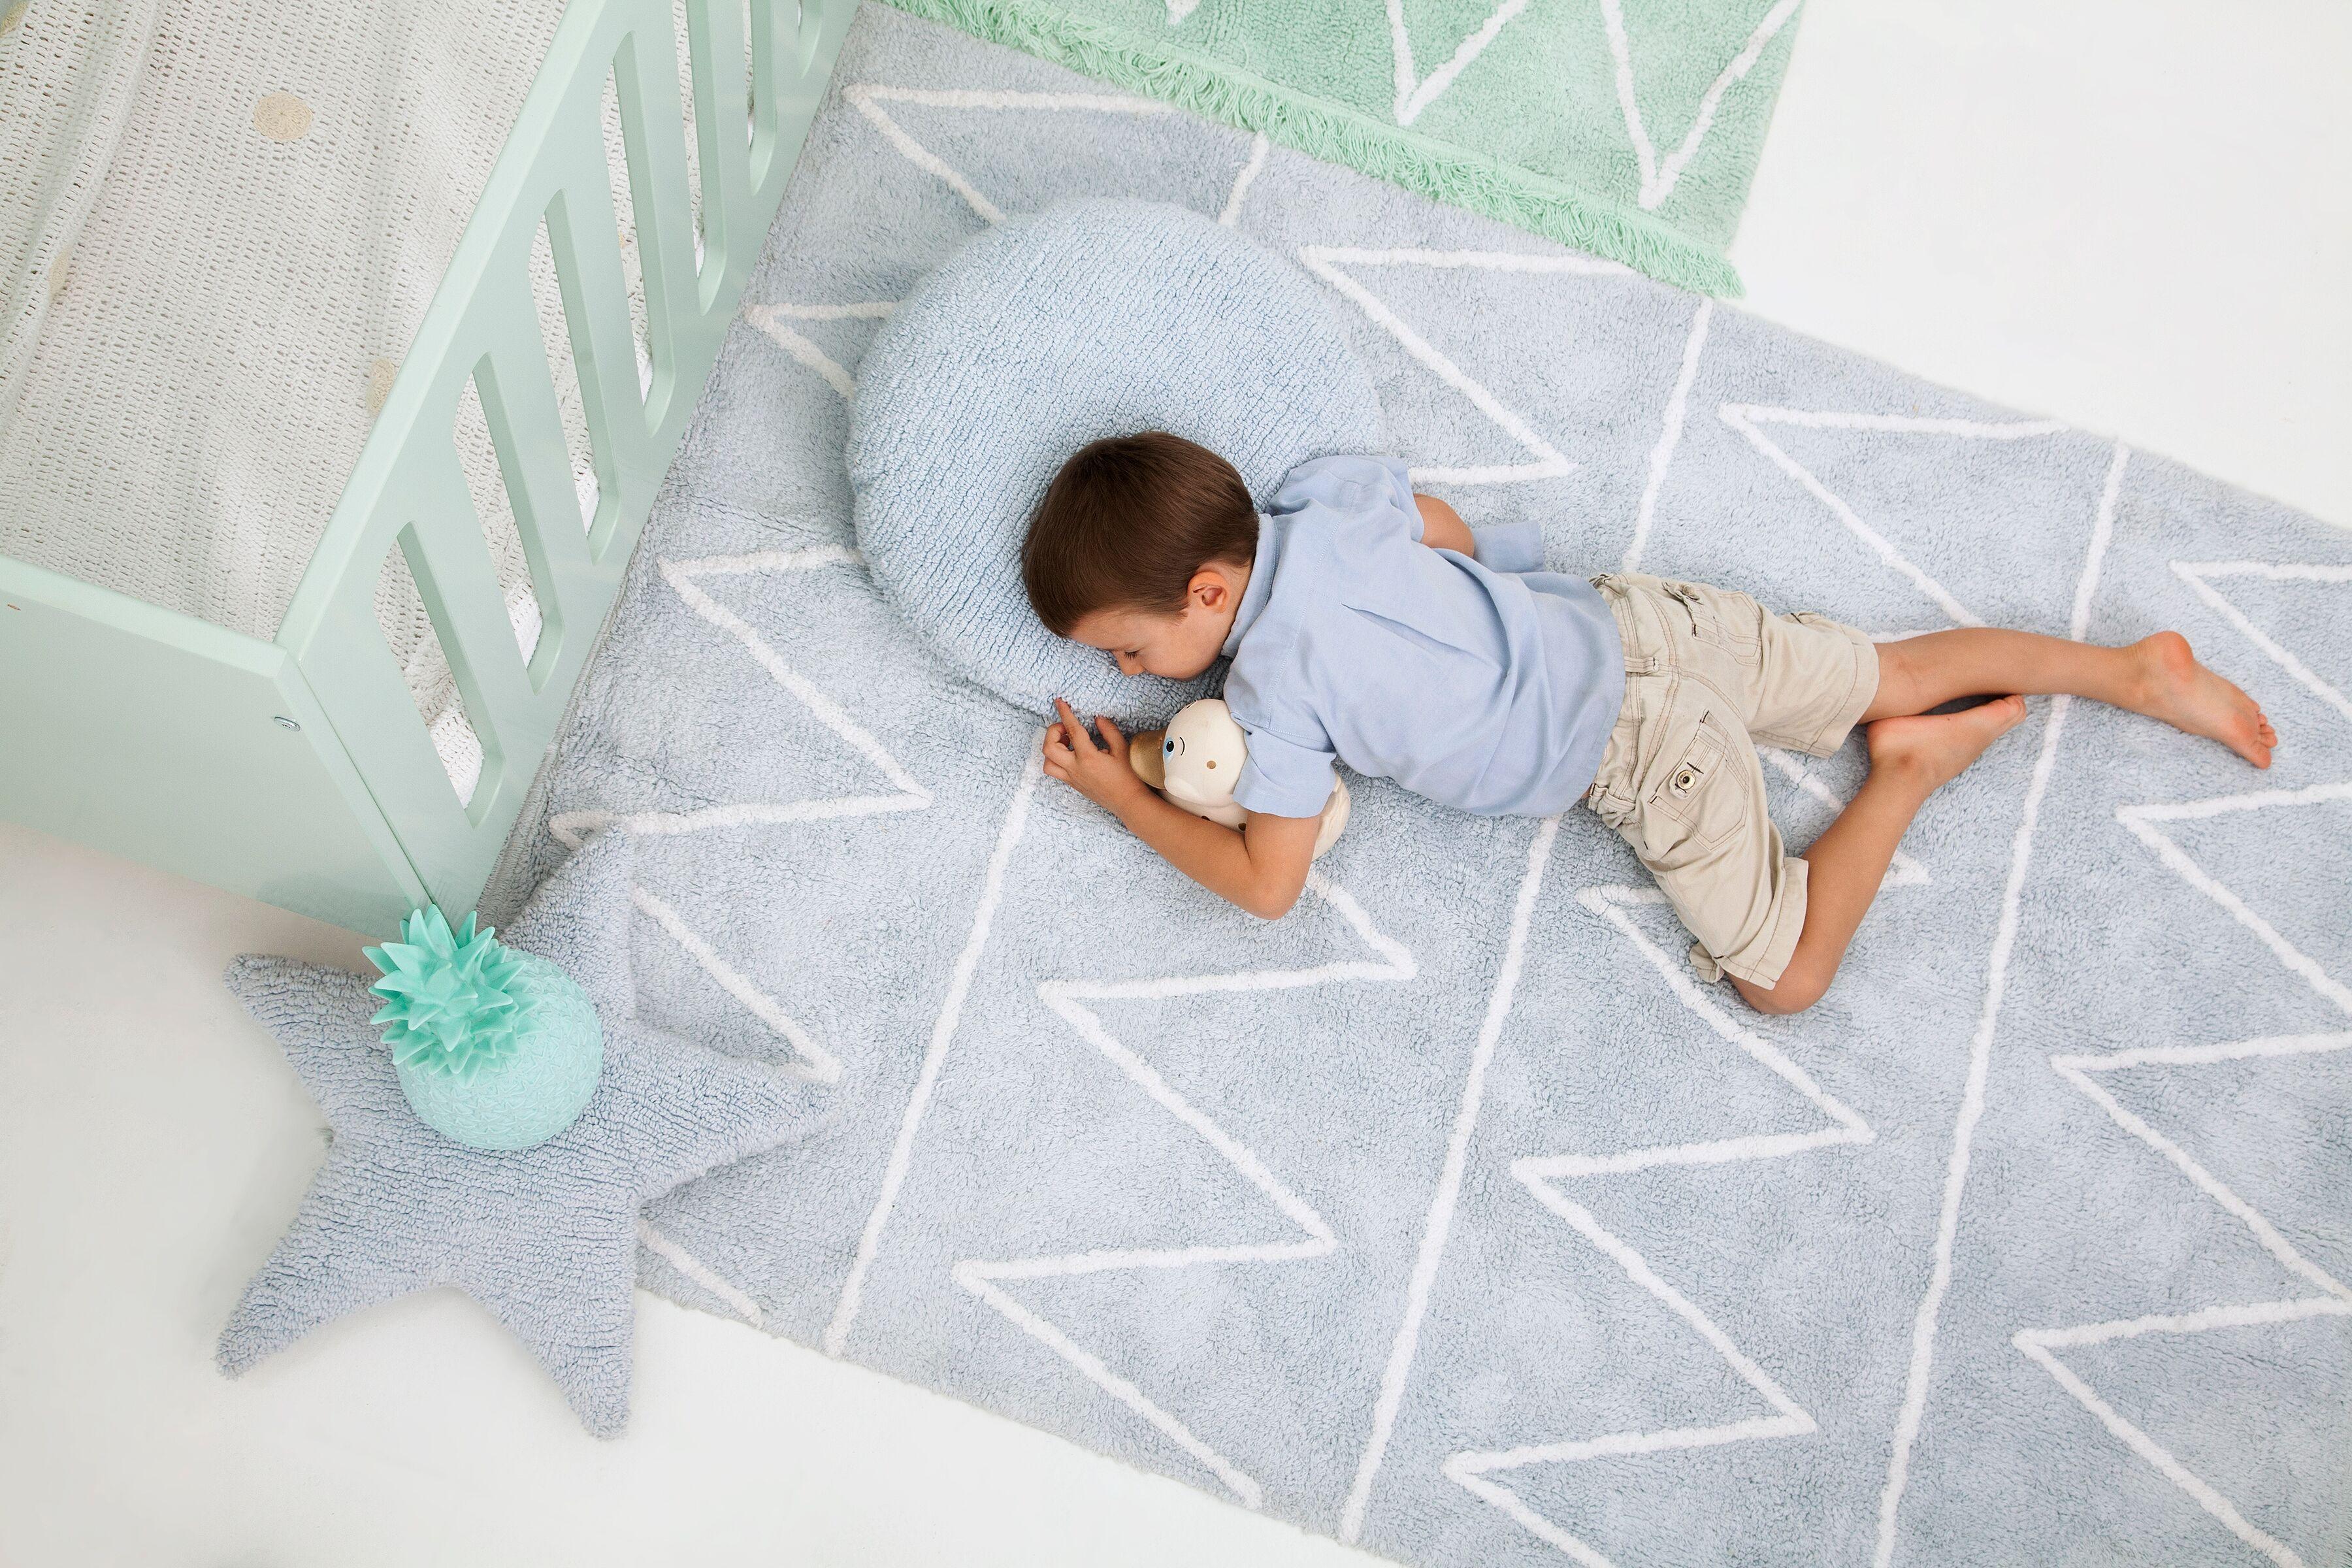 6_Prací koberec a doplňky z bavlny se hodí i pro alergiky_120x160cm_foto Viabel_repro zdarma